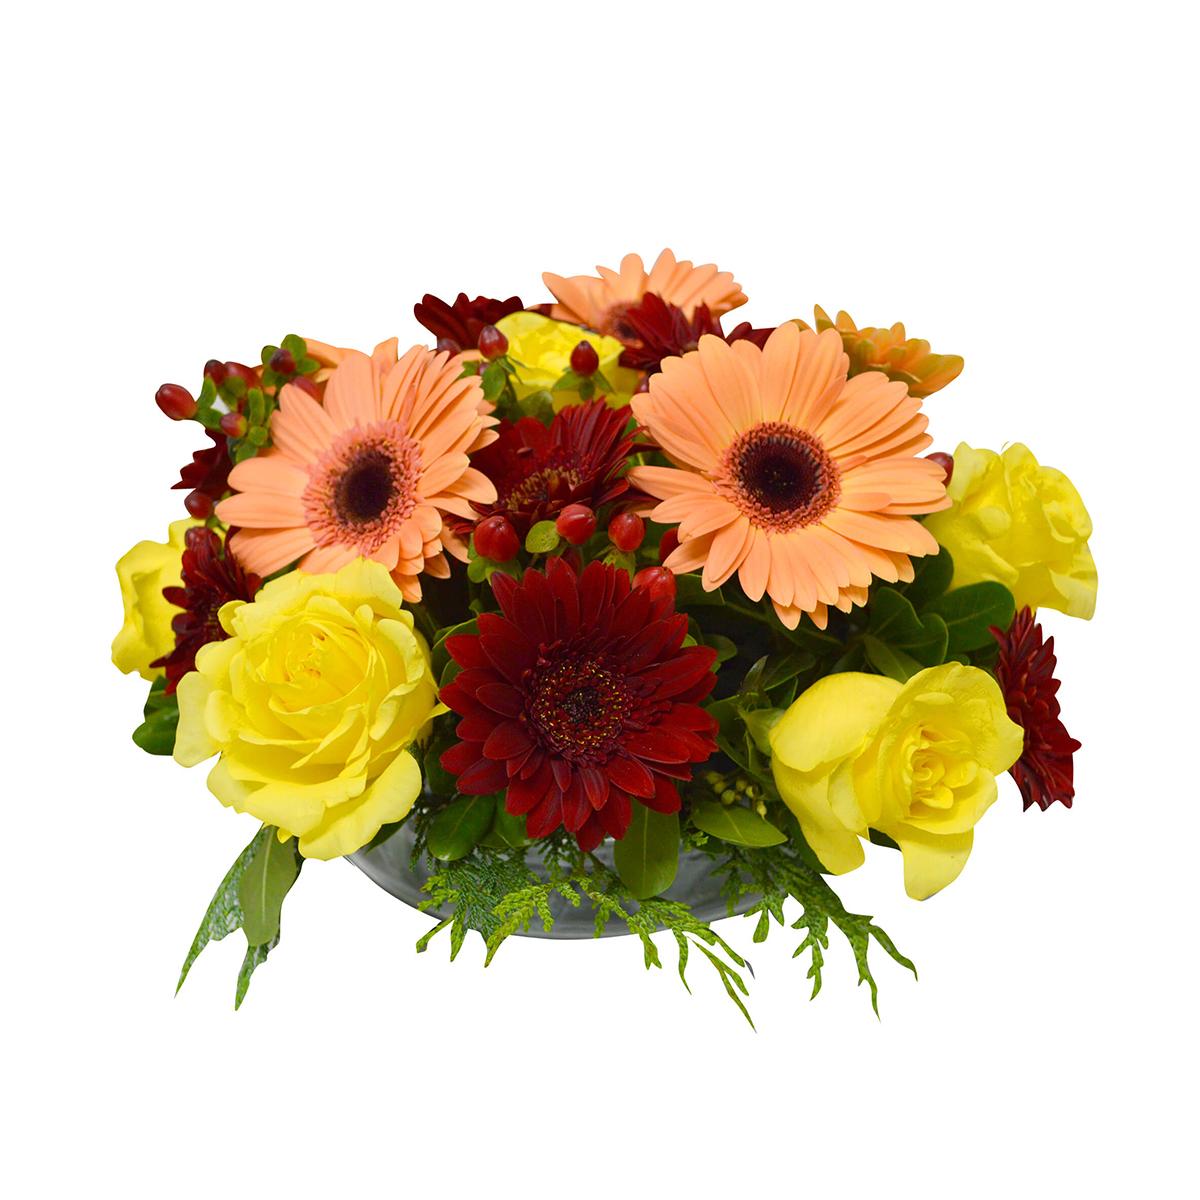 Centro de Mesa con Gerbera, Mini Gerberas y Rosas Amarillas